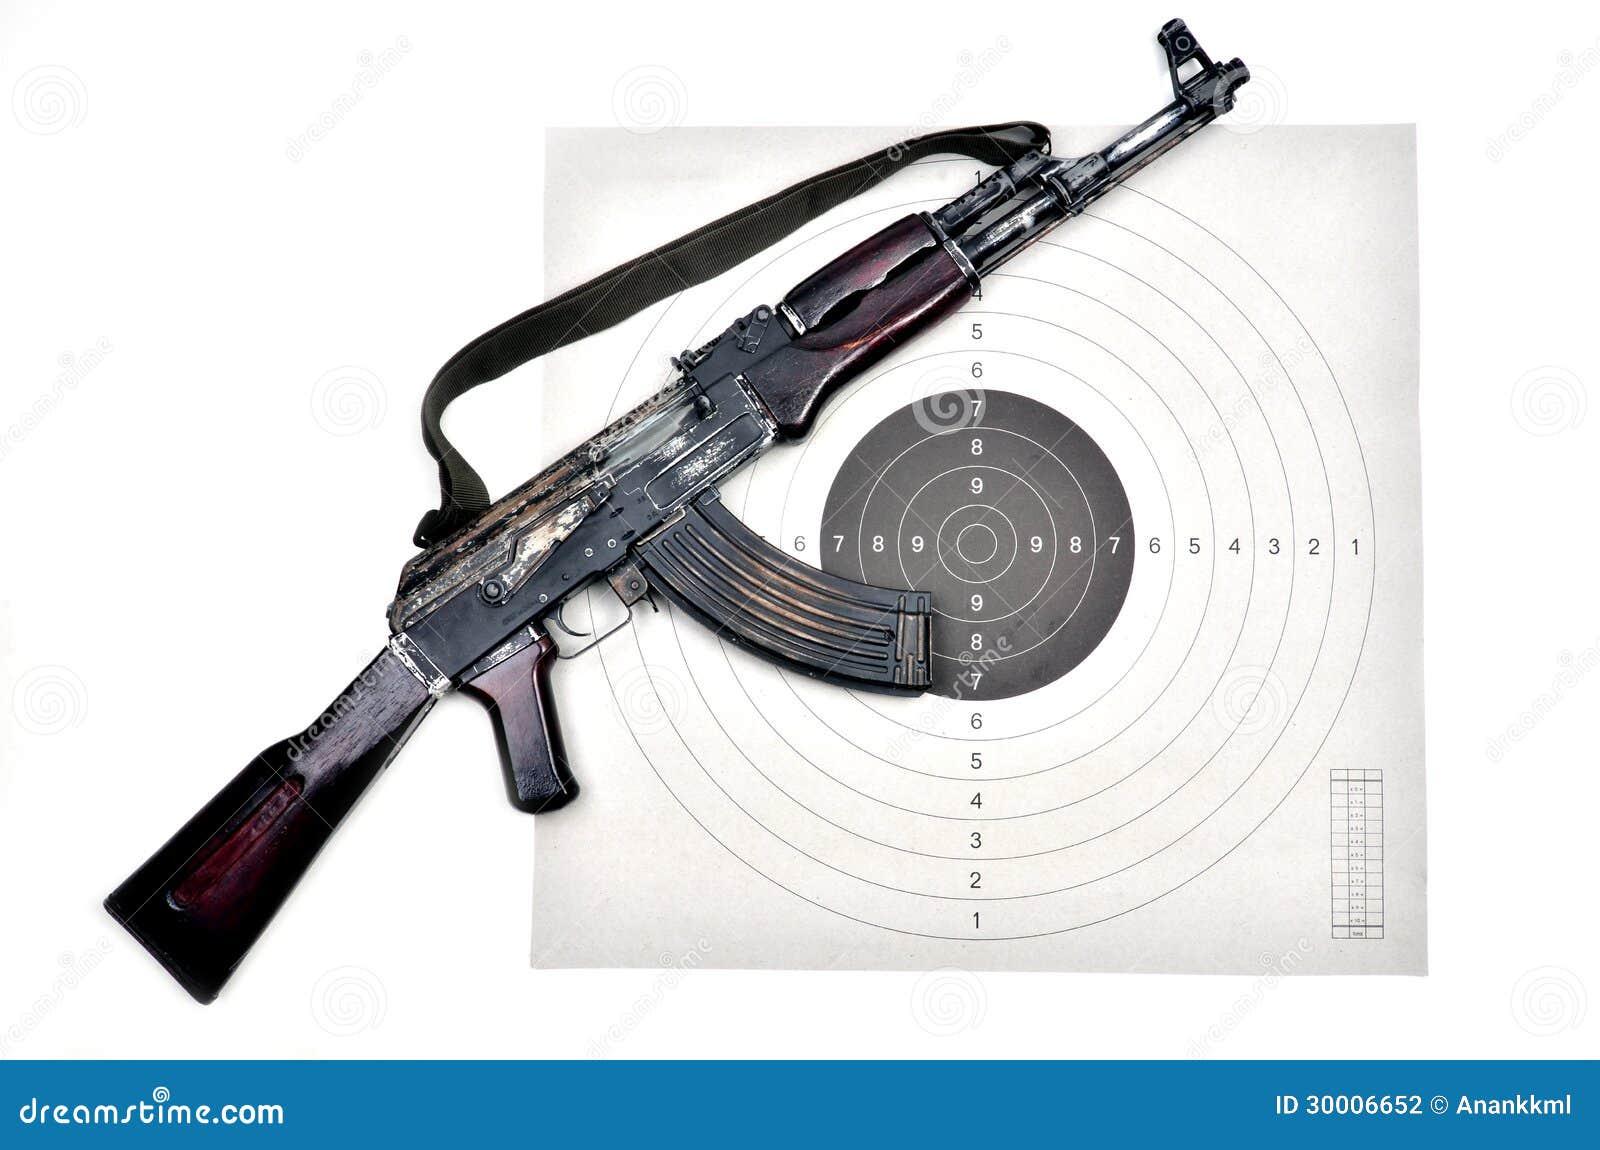 国际货�9ak9c_卡拉什尼科夫ak 74